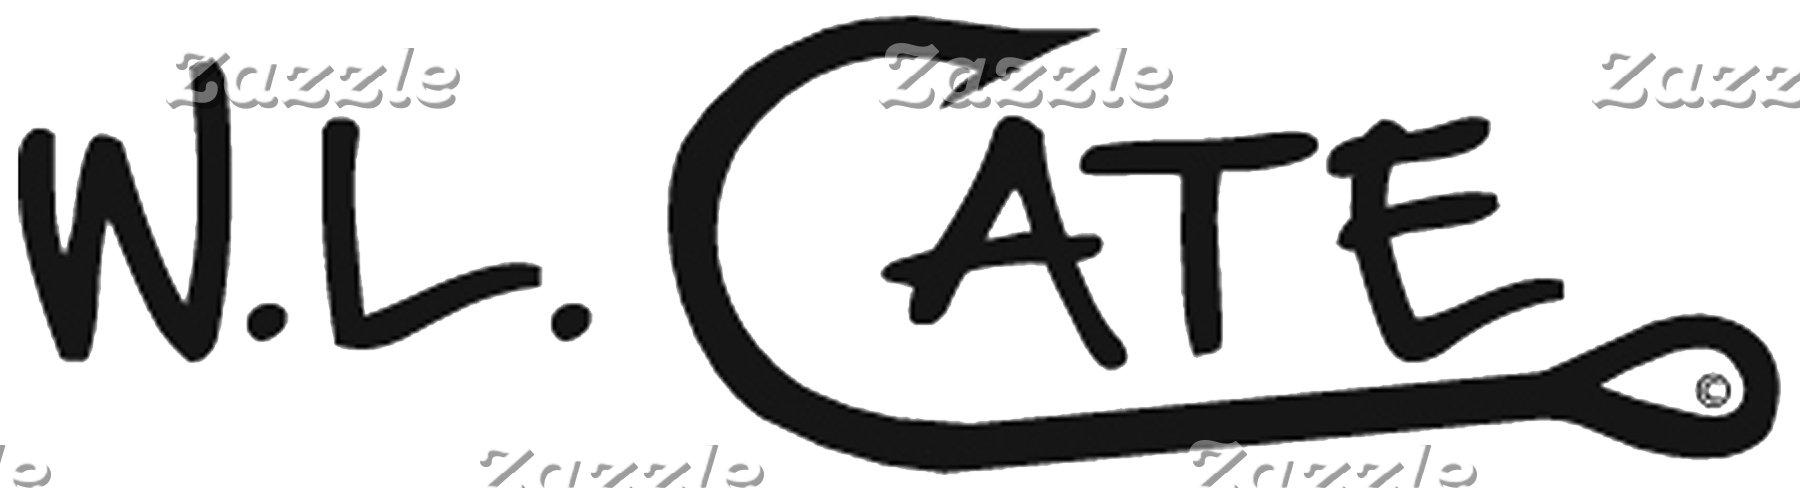 W.L. Cate